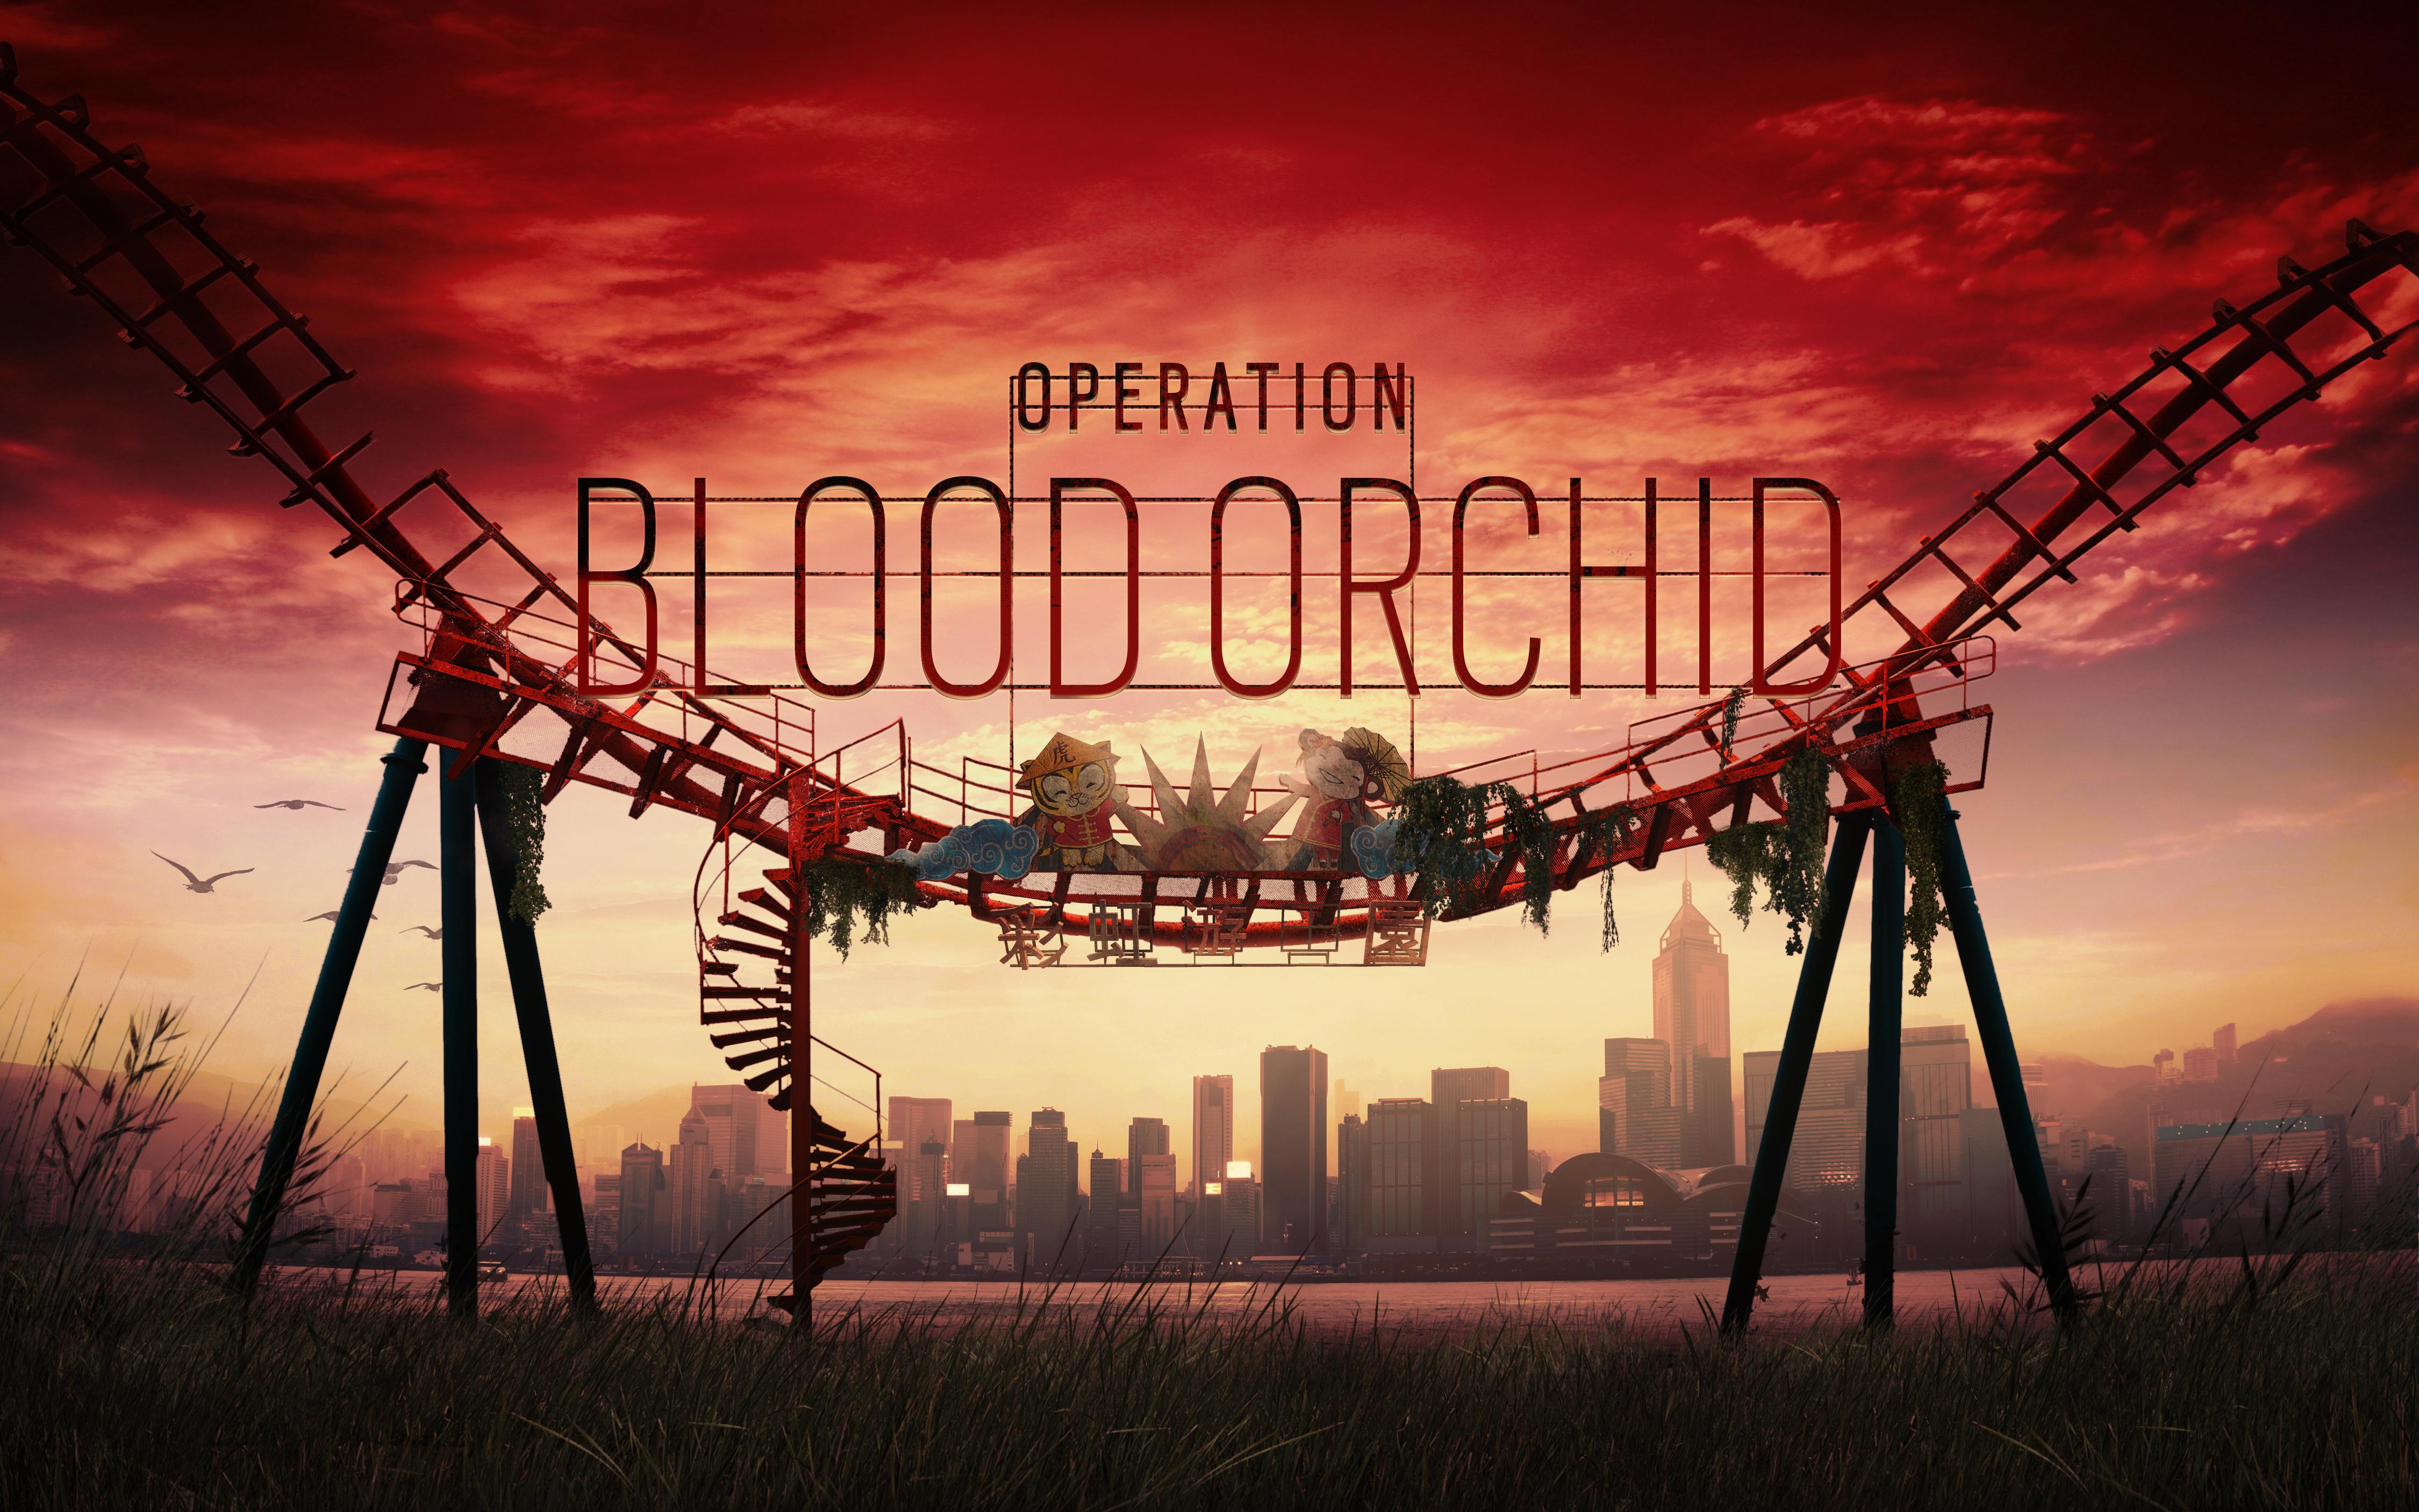 Радуга шесть осады операция крови орхидеи обои скачать